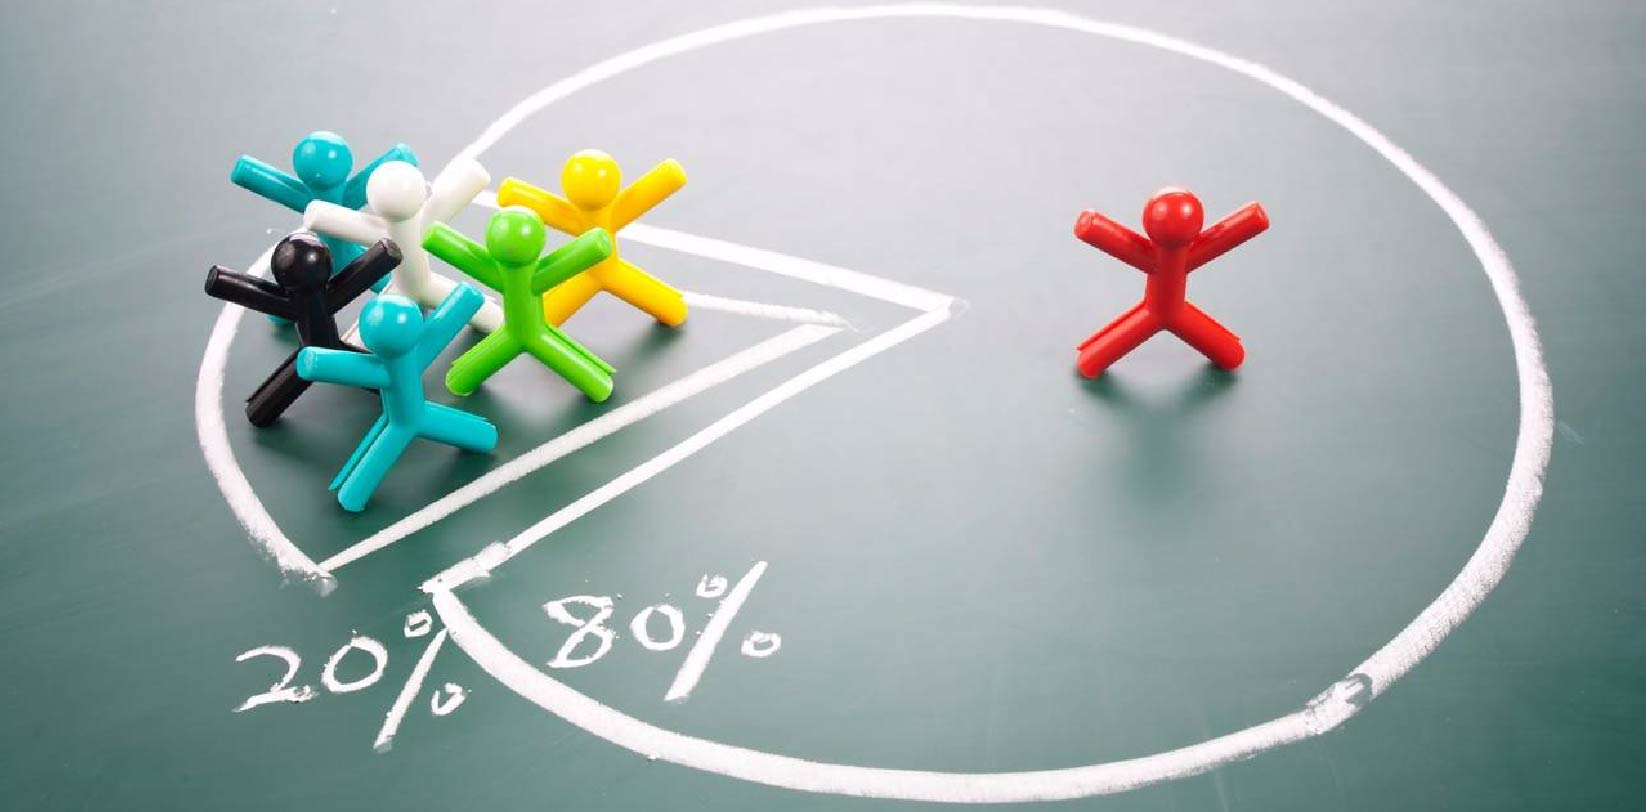 Ứng dụng hiệu quả Pareto trong quản trị hiệu suất